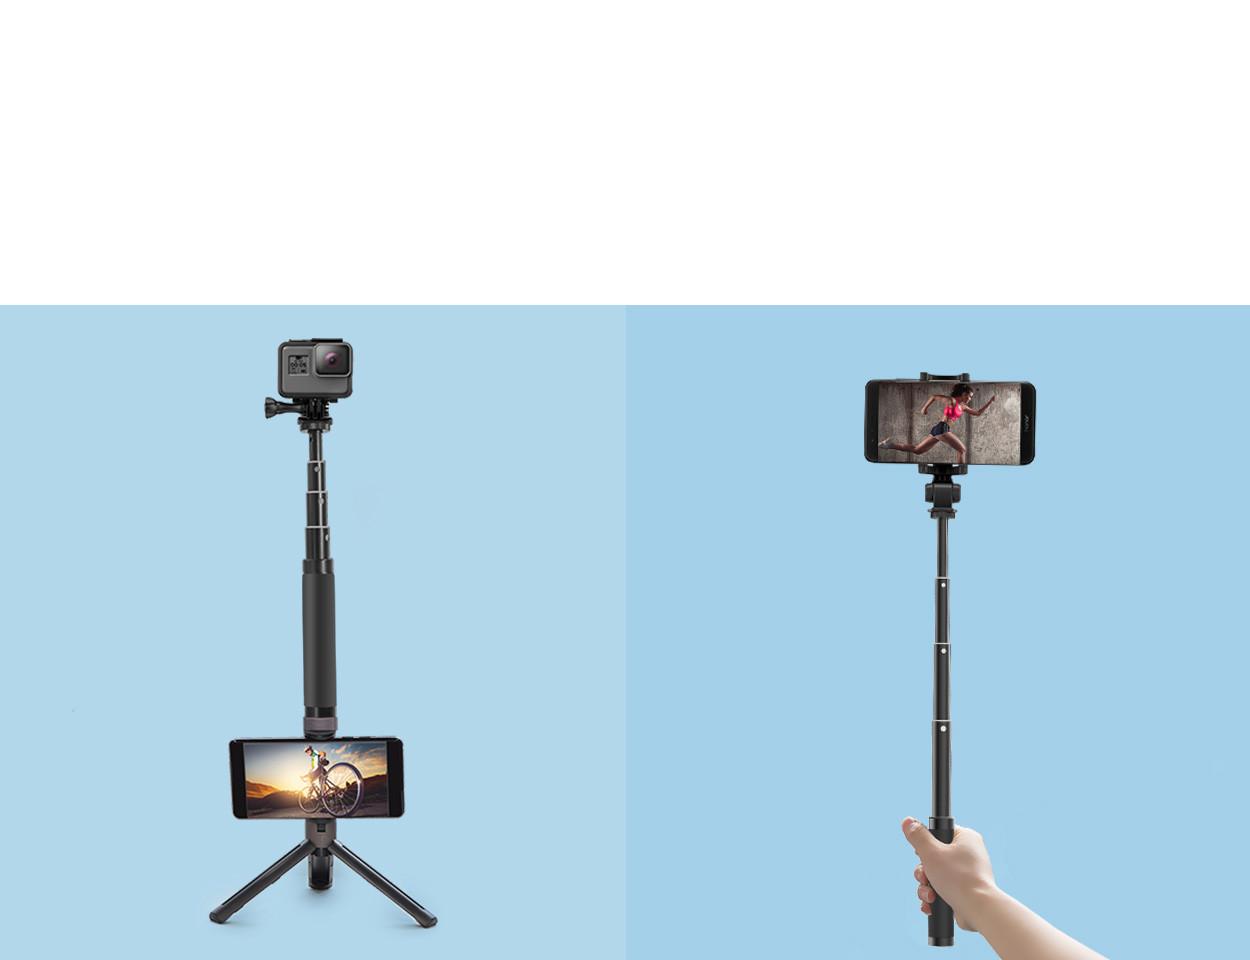 手持摄影器延长杆-详情页英文-1250x960_12.jpg